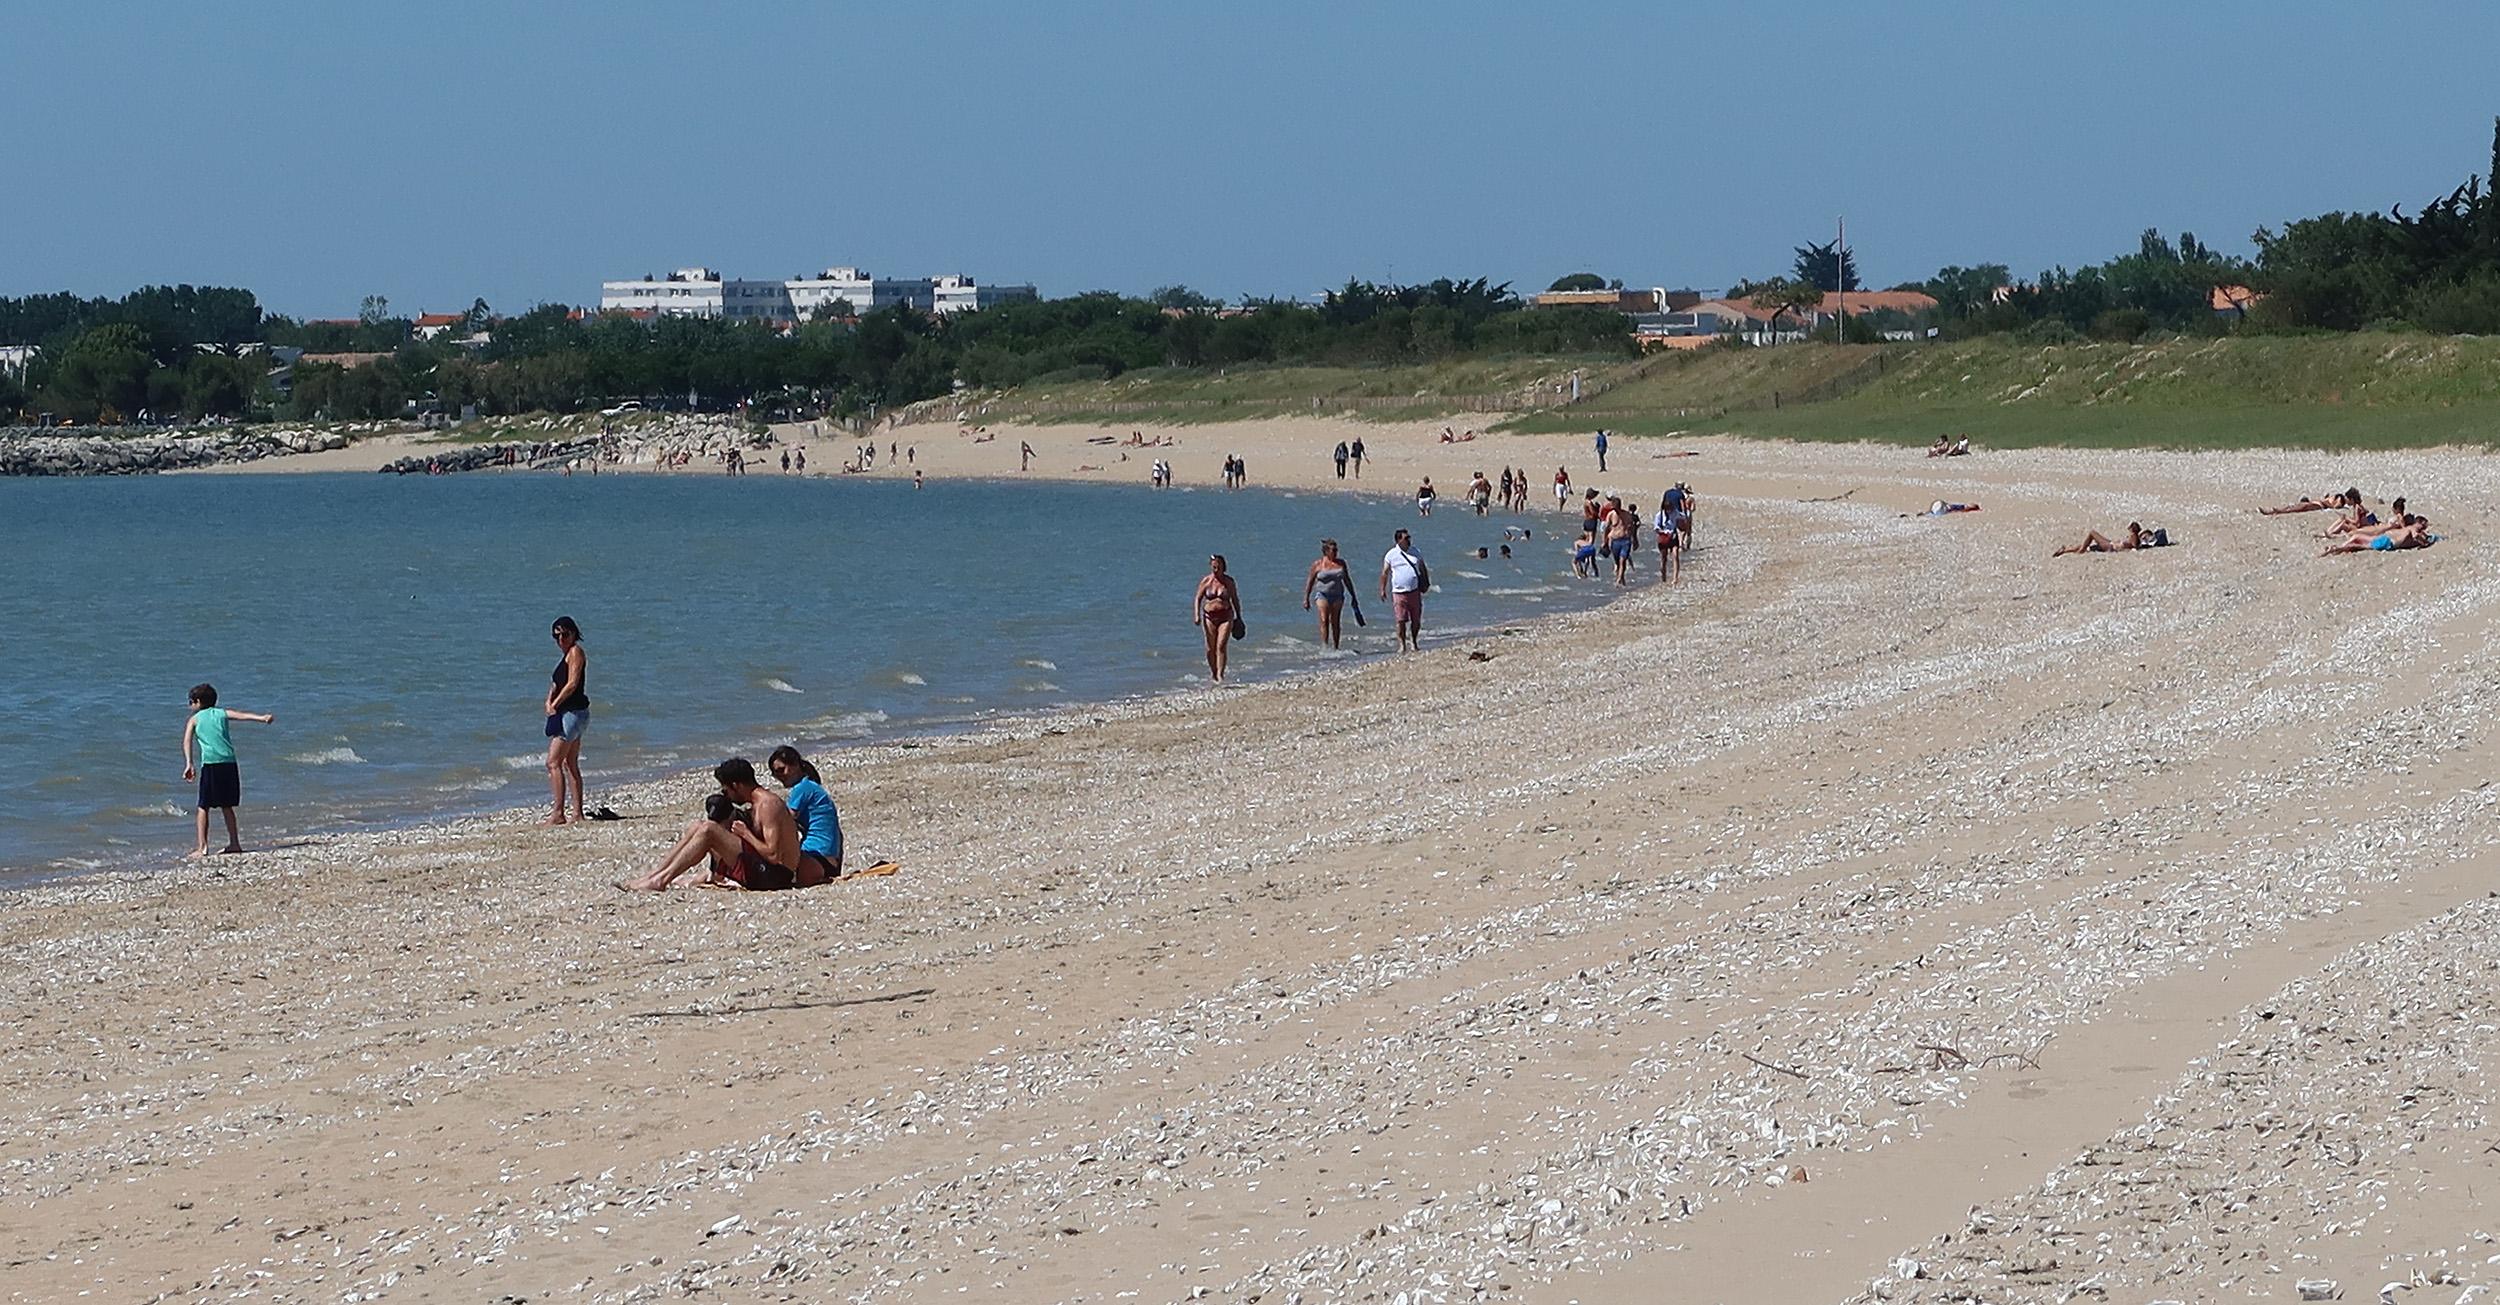 Sur la plage d'Aytré certains n'ont pas encore compris la réglementation.